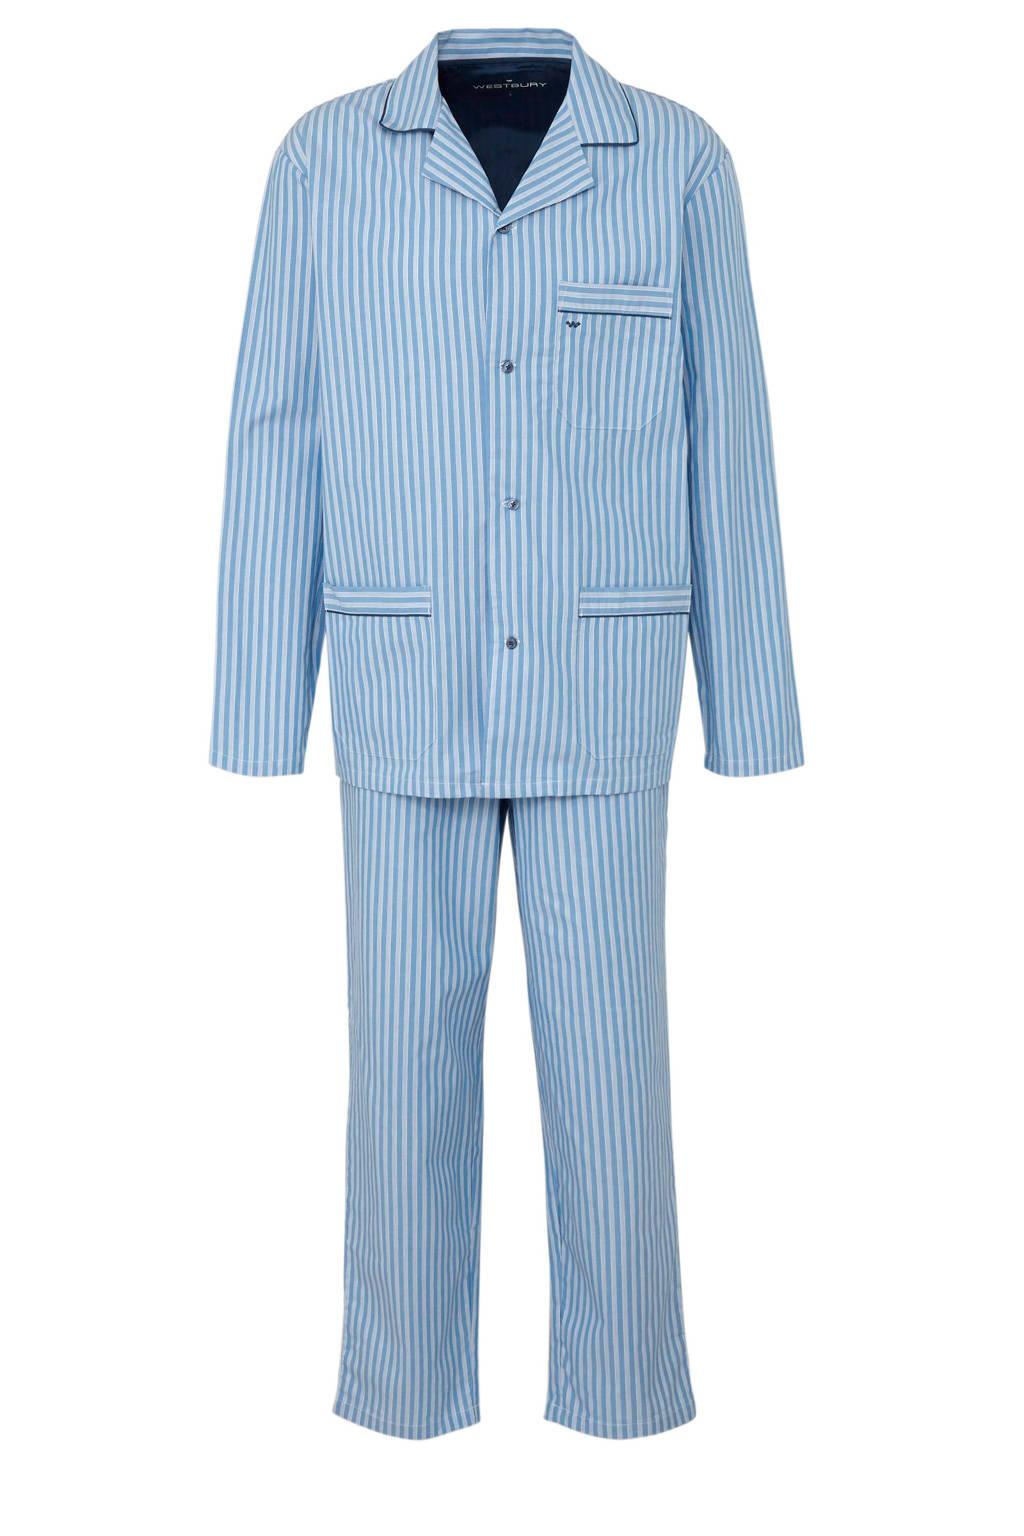 C&A gestreepte pyjama met reverskraag blauw, Lichtblauw/wit